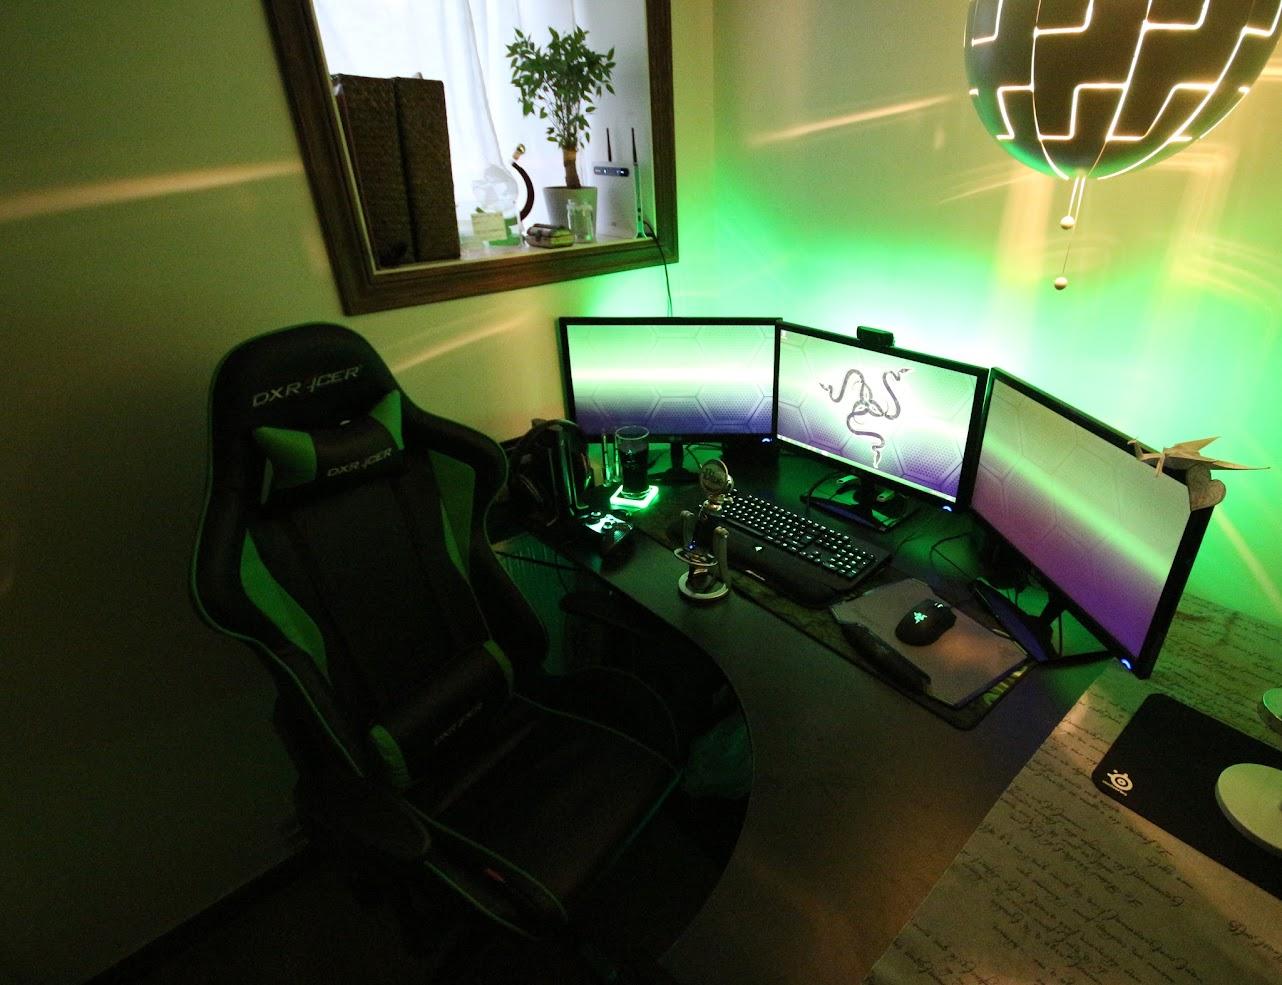 Razer inspired midrange setup 2015 Razer Insider Forum : IMG2786 Razer <strong>Carcharias Xbox 360 Review</strong> from insider.razerzone.com size 1281 x 985 jpeg 192kB